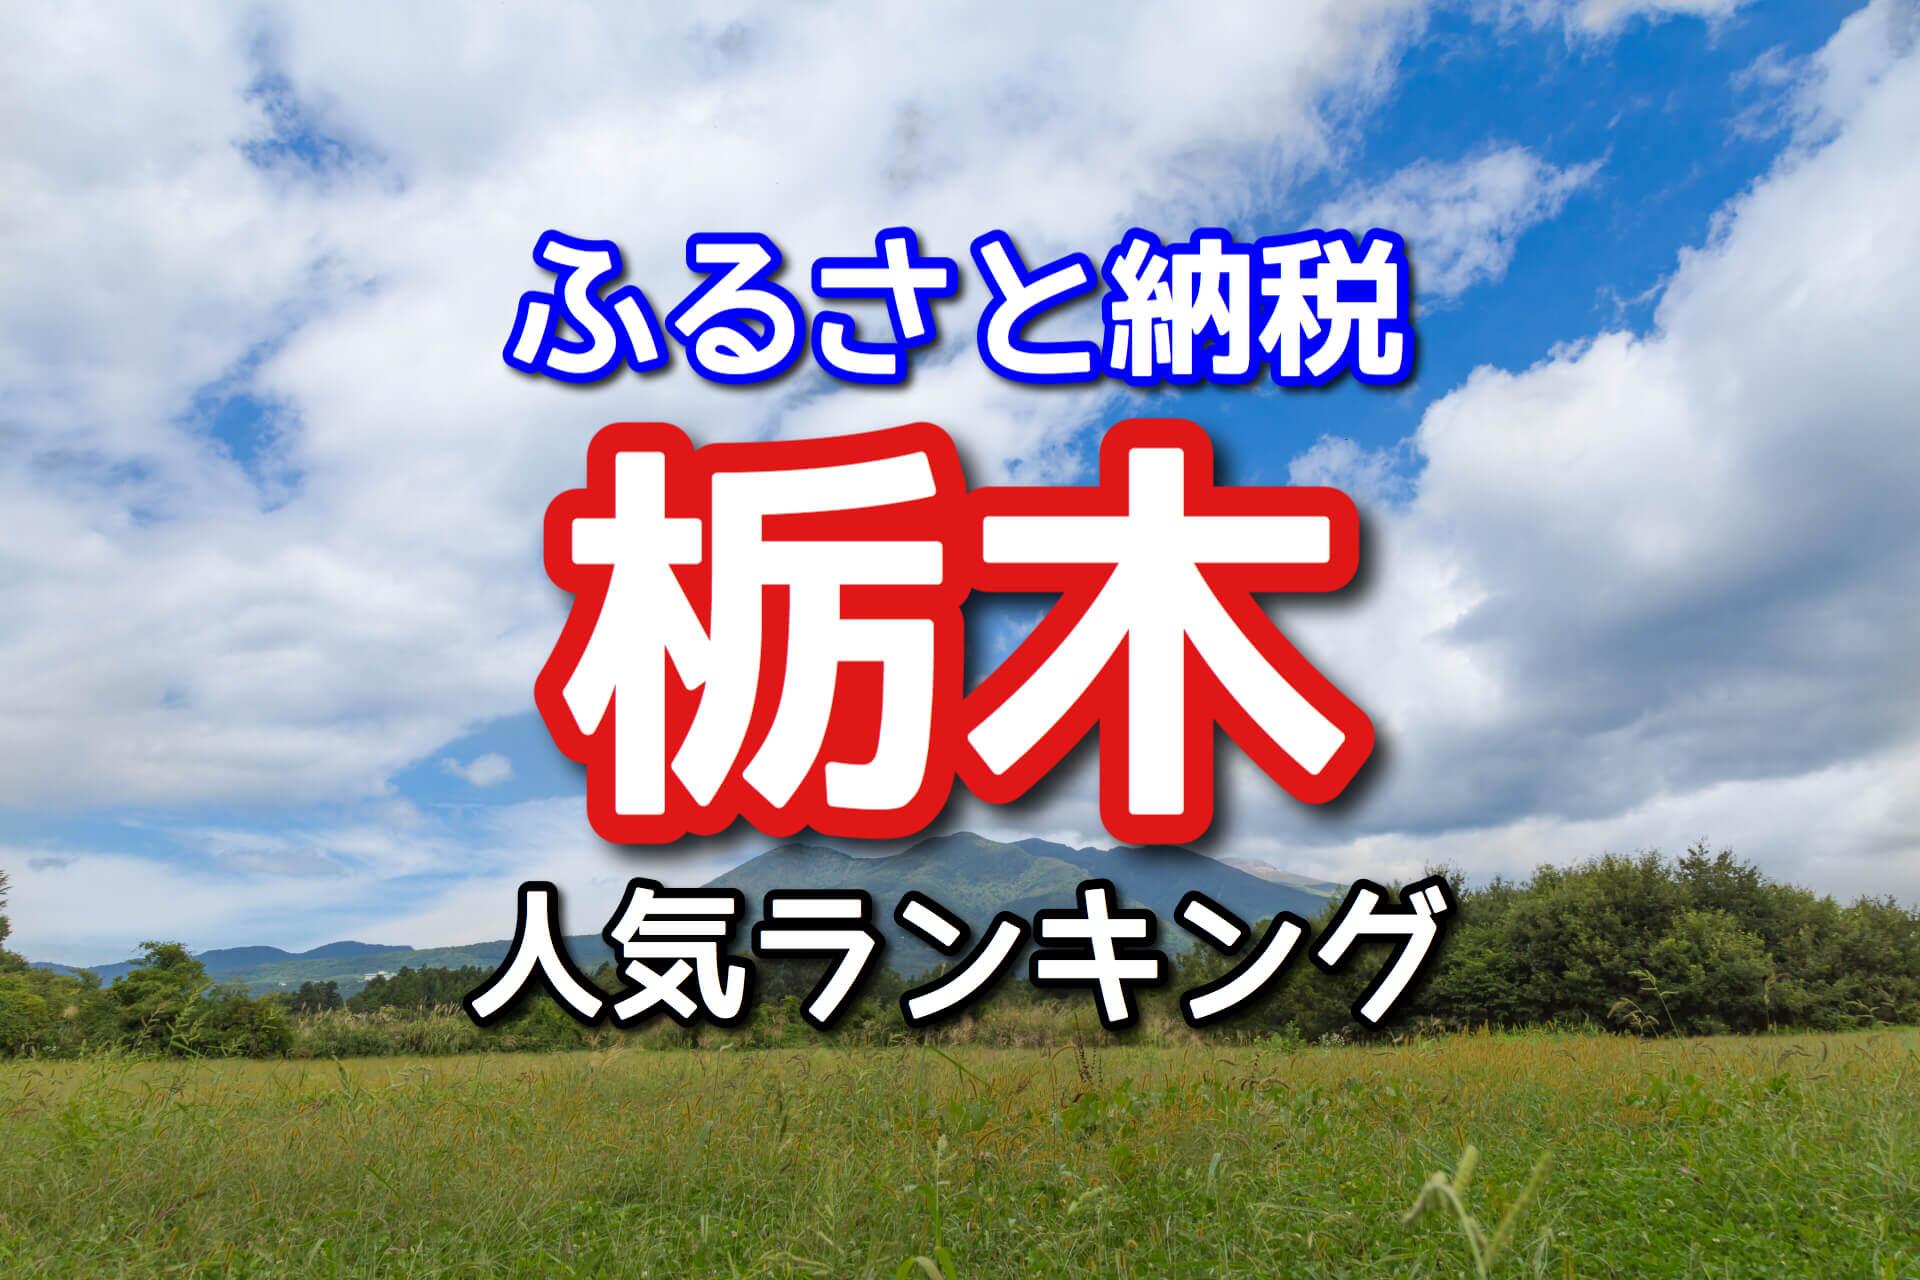 【ふるさと納税】栃木のおすすめ返礼品10選!人気ランキング2018